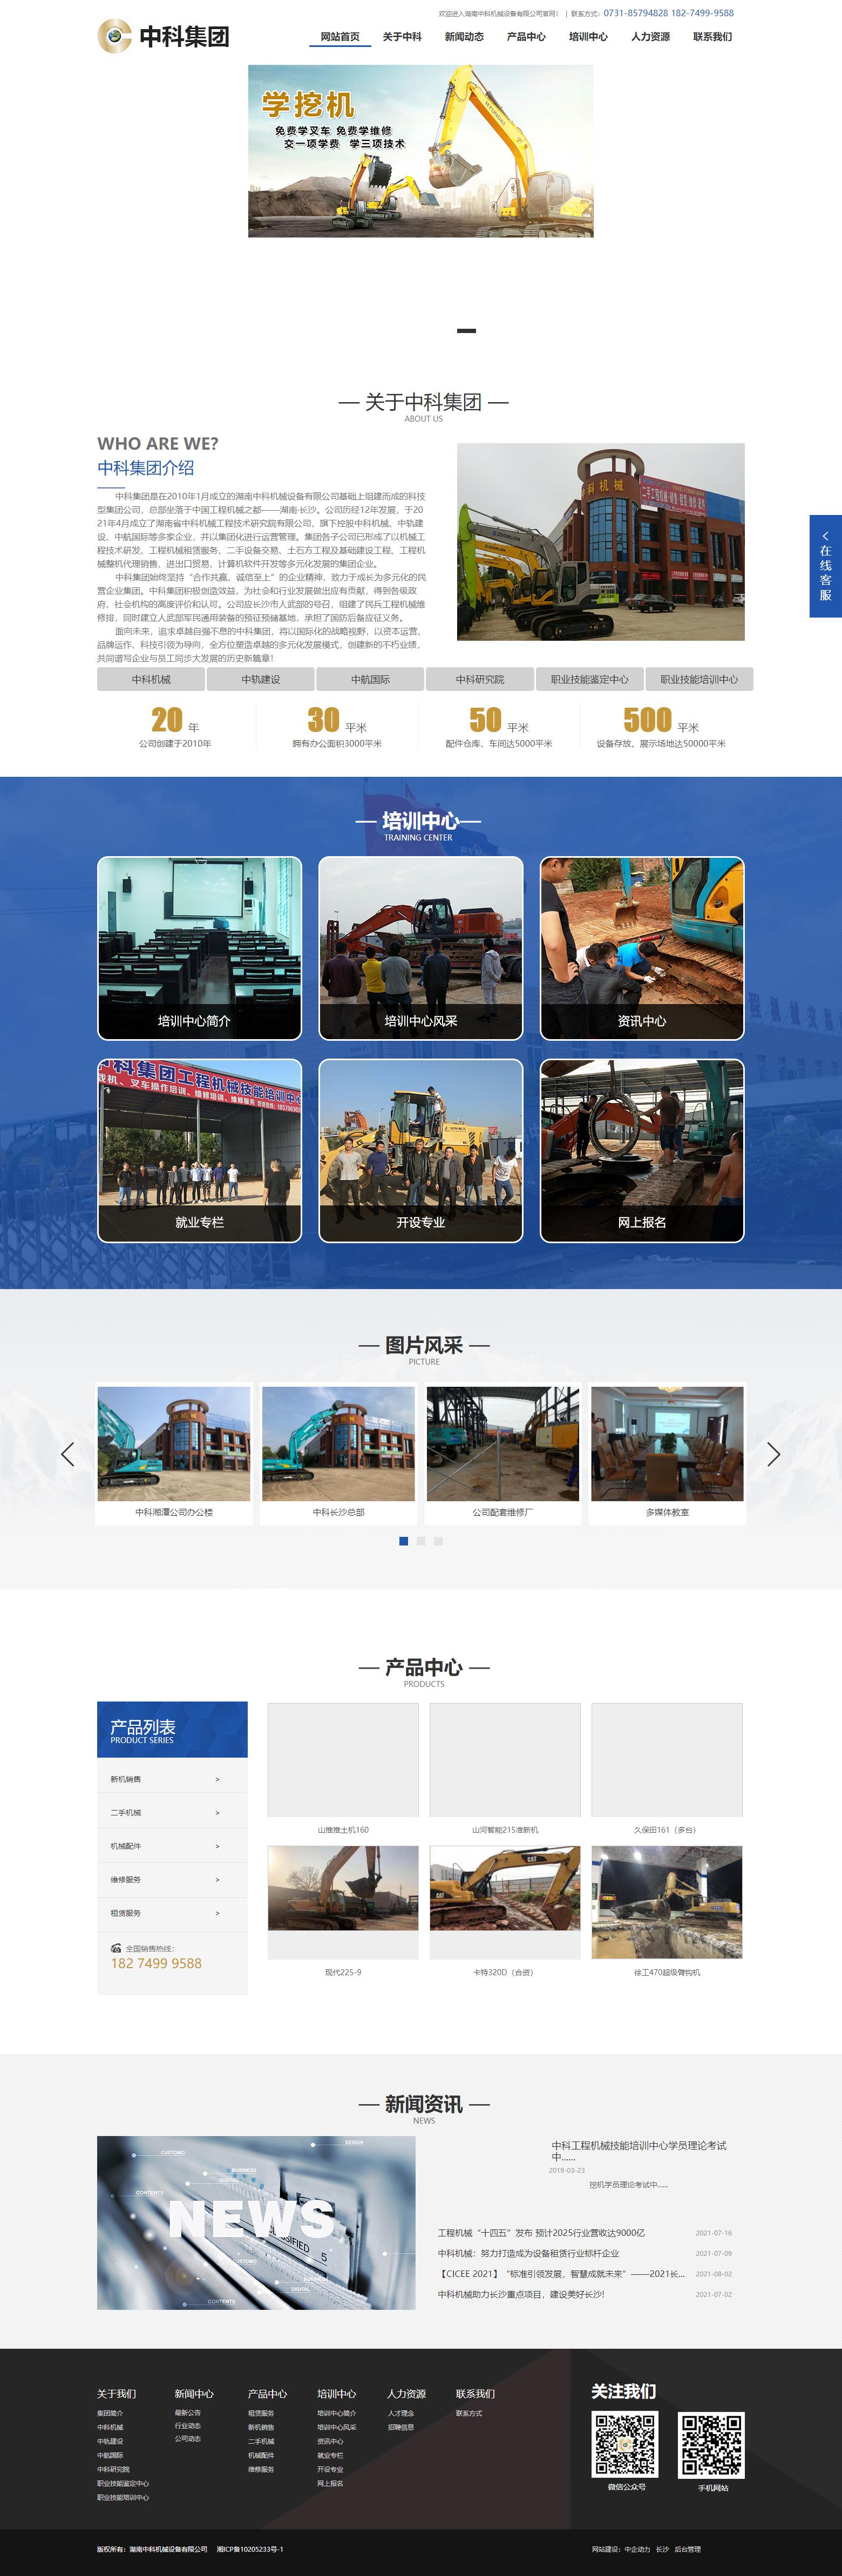 湖南中科机械设备有限公司网站案例